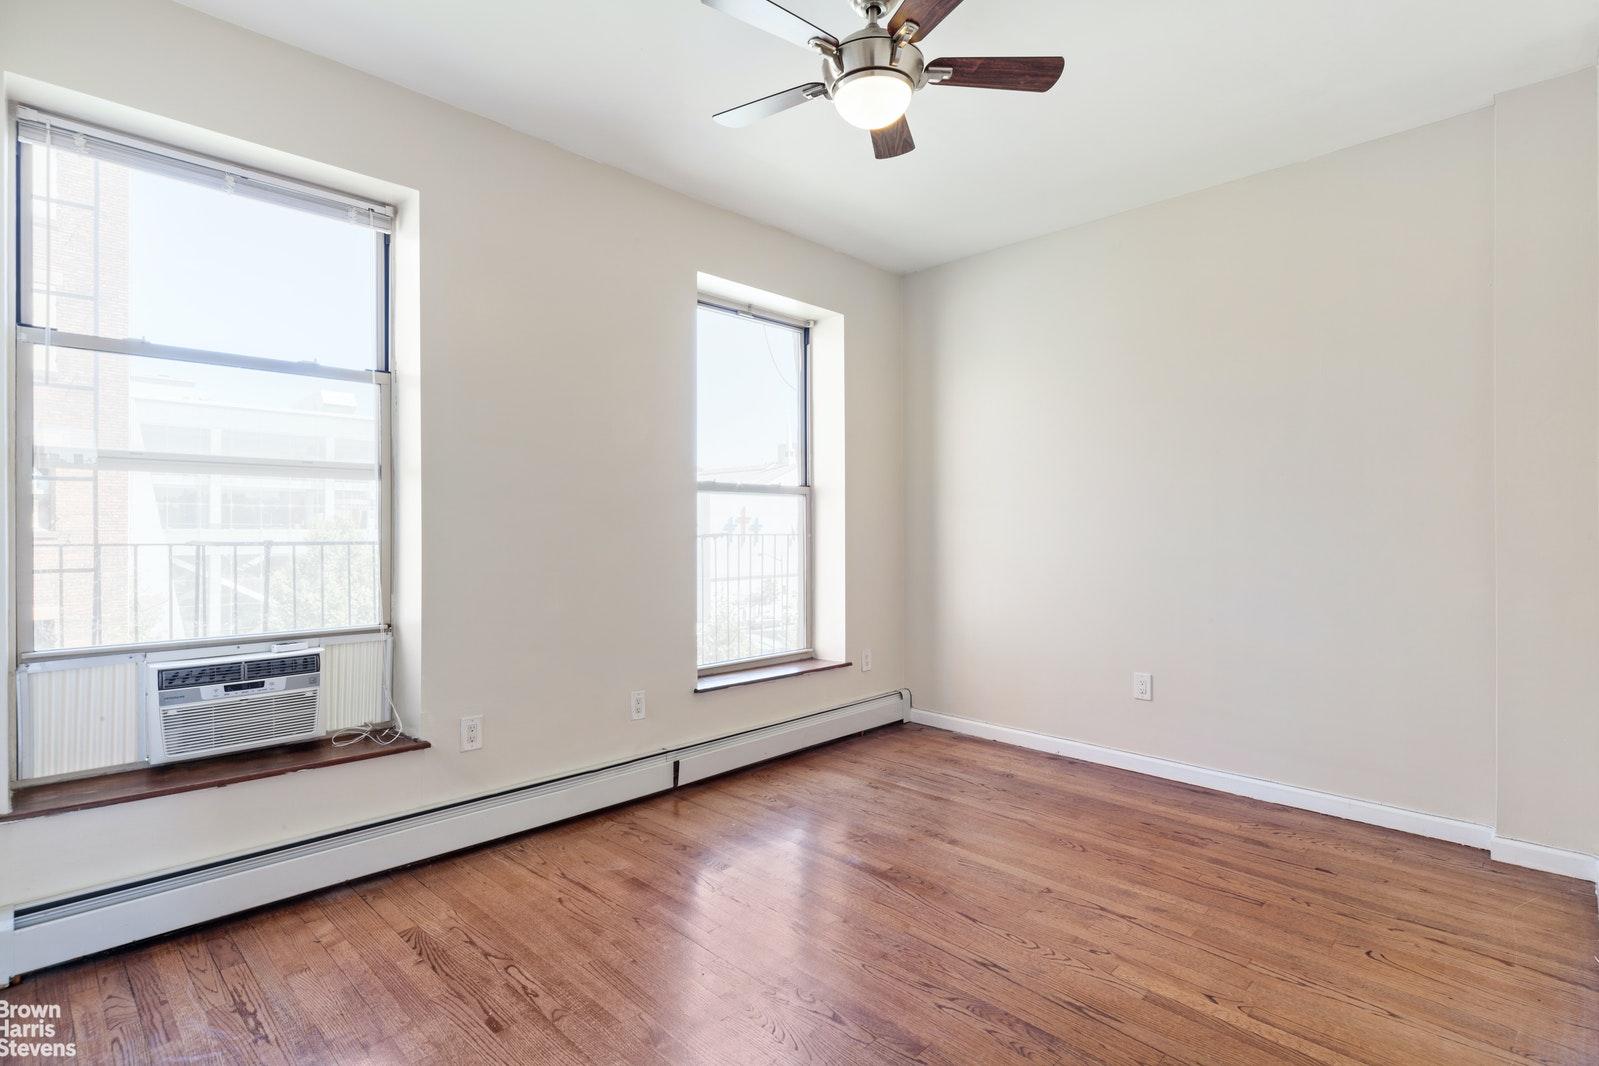 305 WEST 123RD STREET, Central Harlem, $2,695,000, Web #: 20519159